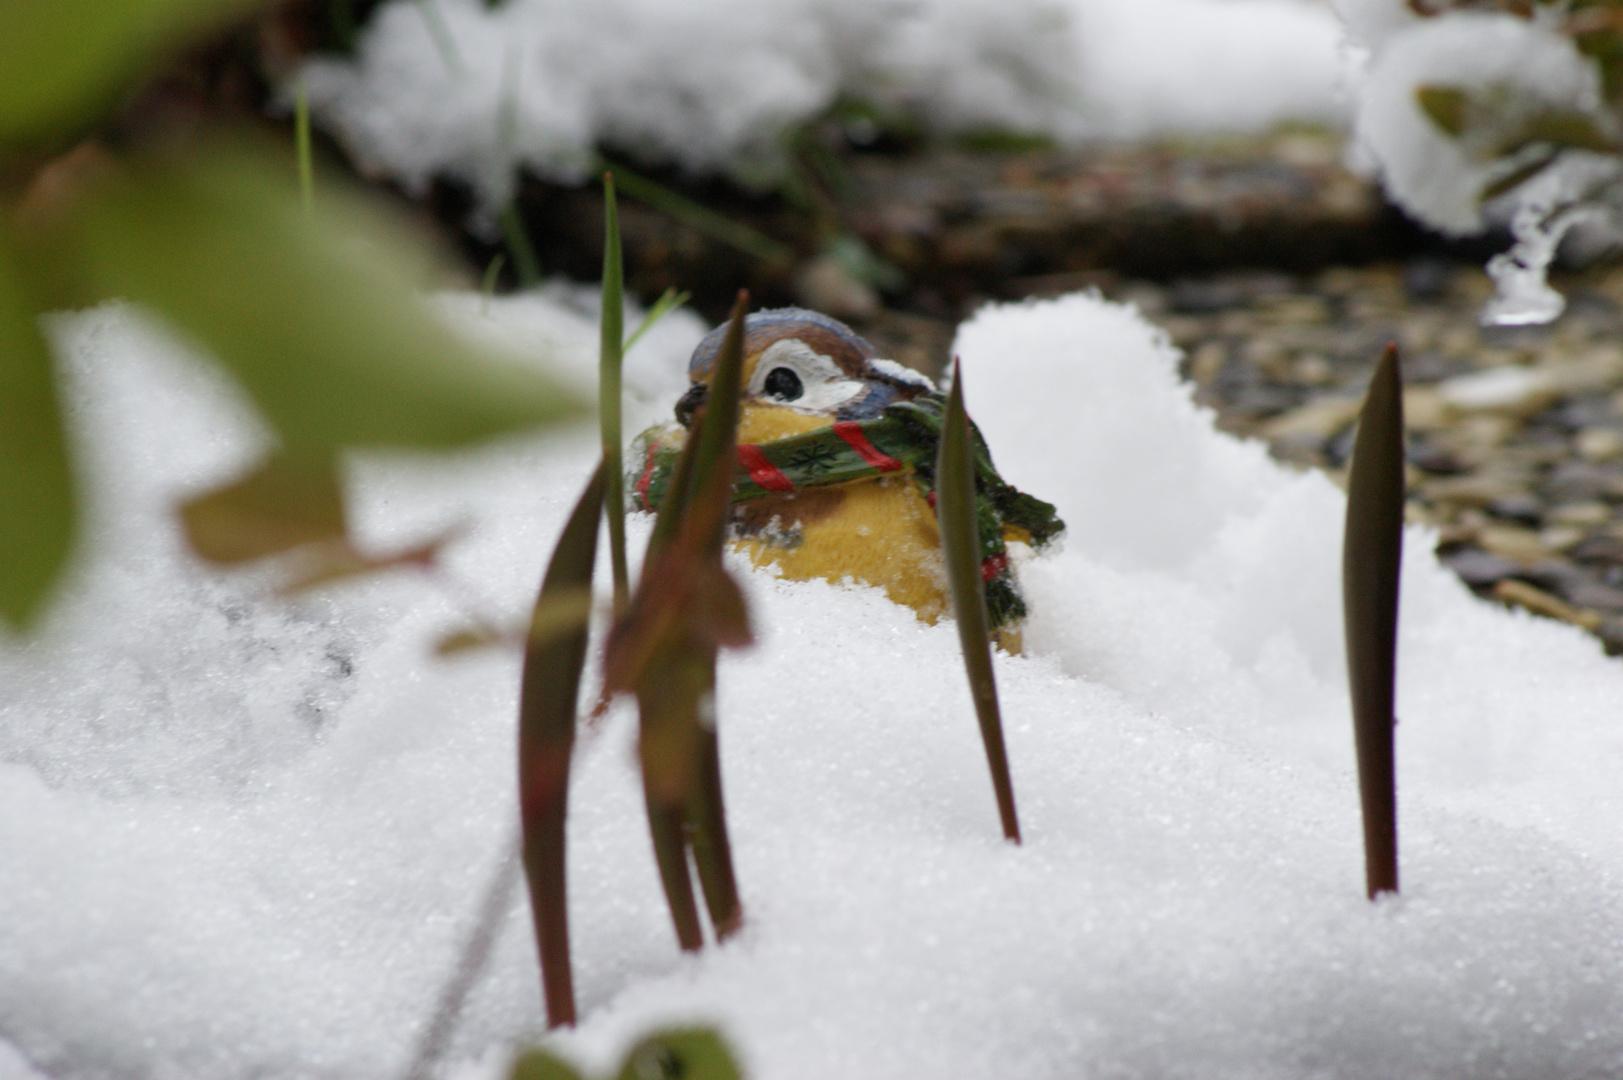 Vogel in Schnee und Grün